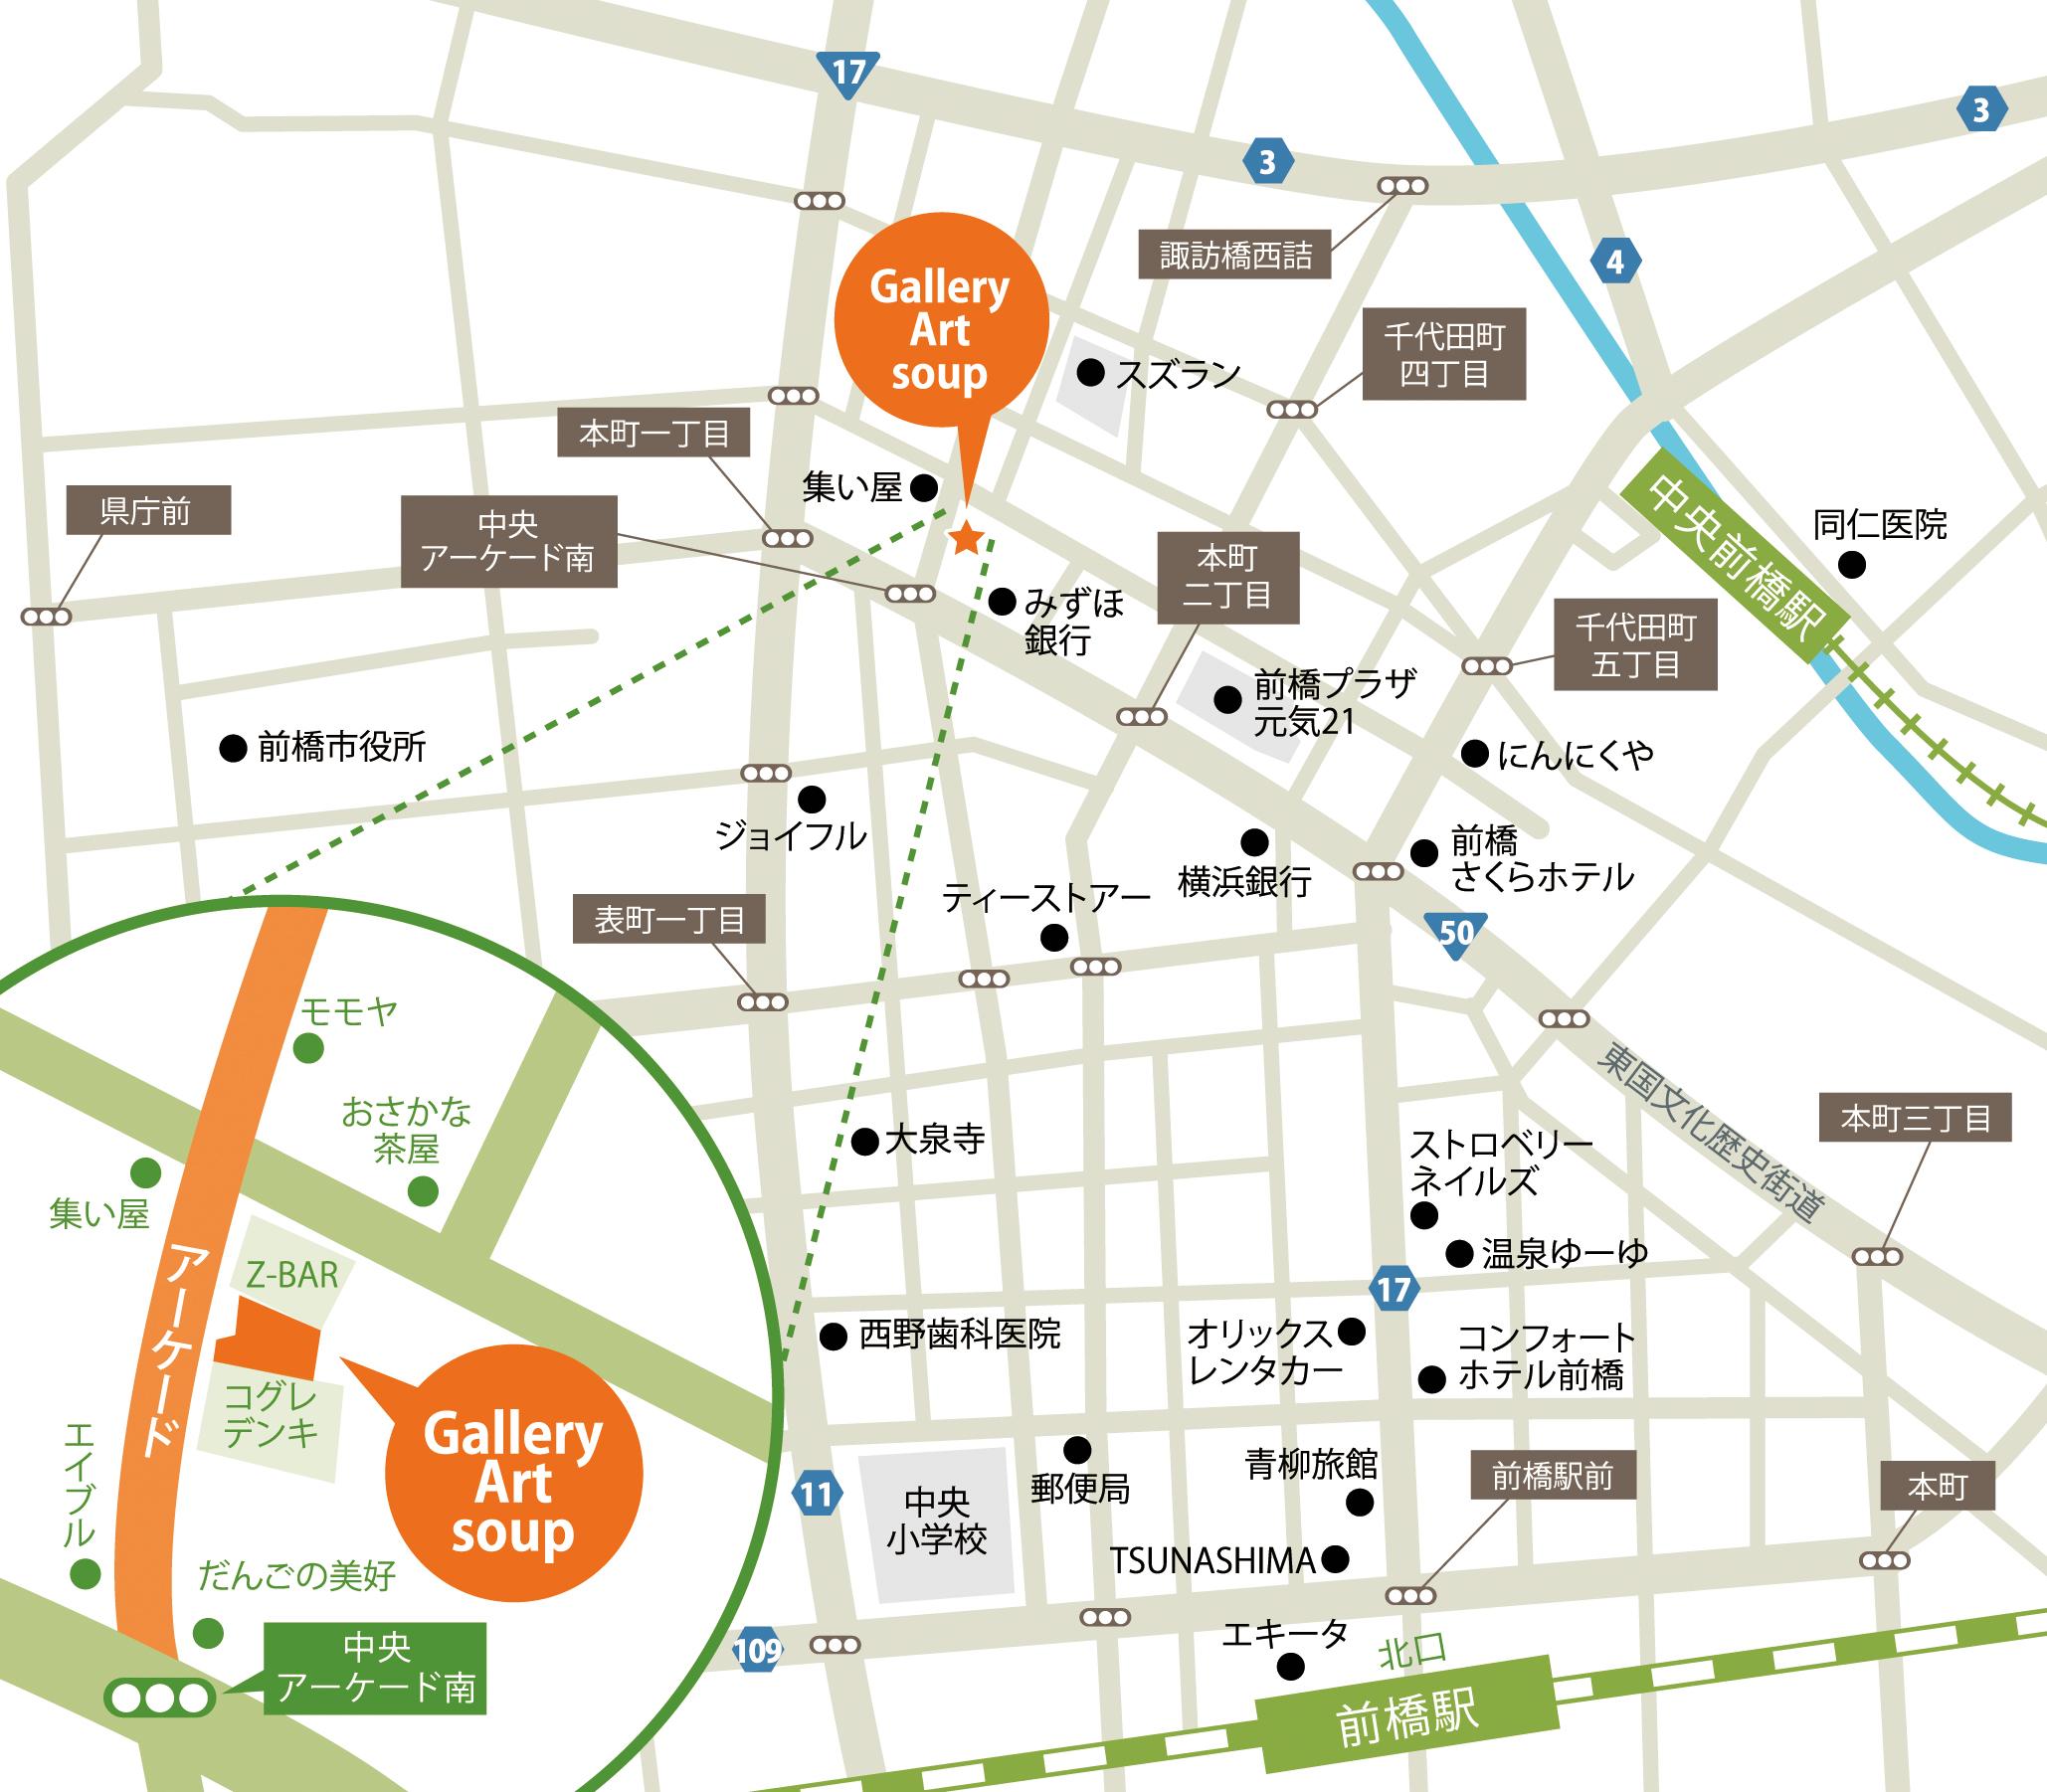 AS周辺地図・単体(7-21)